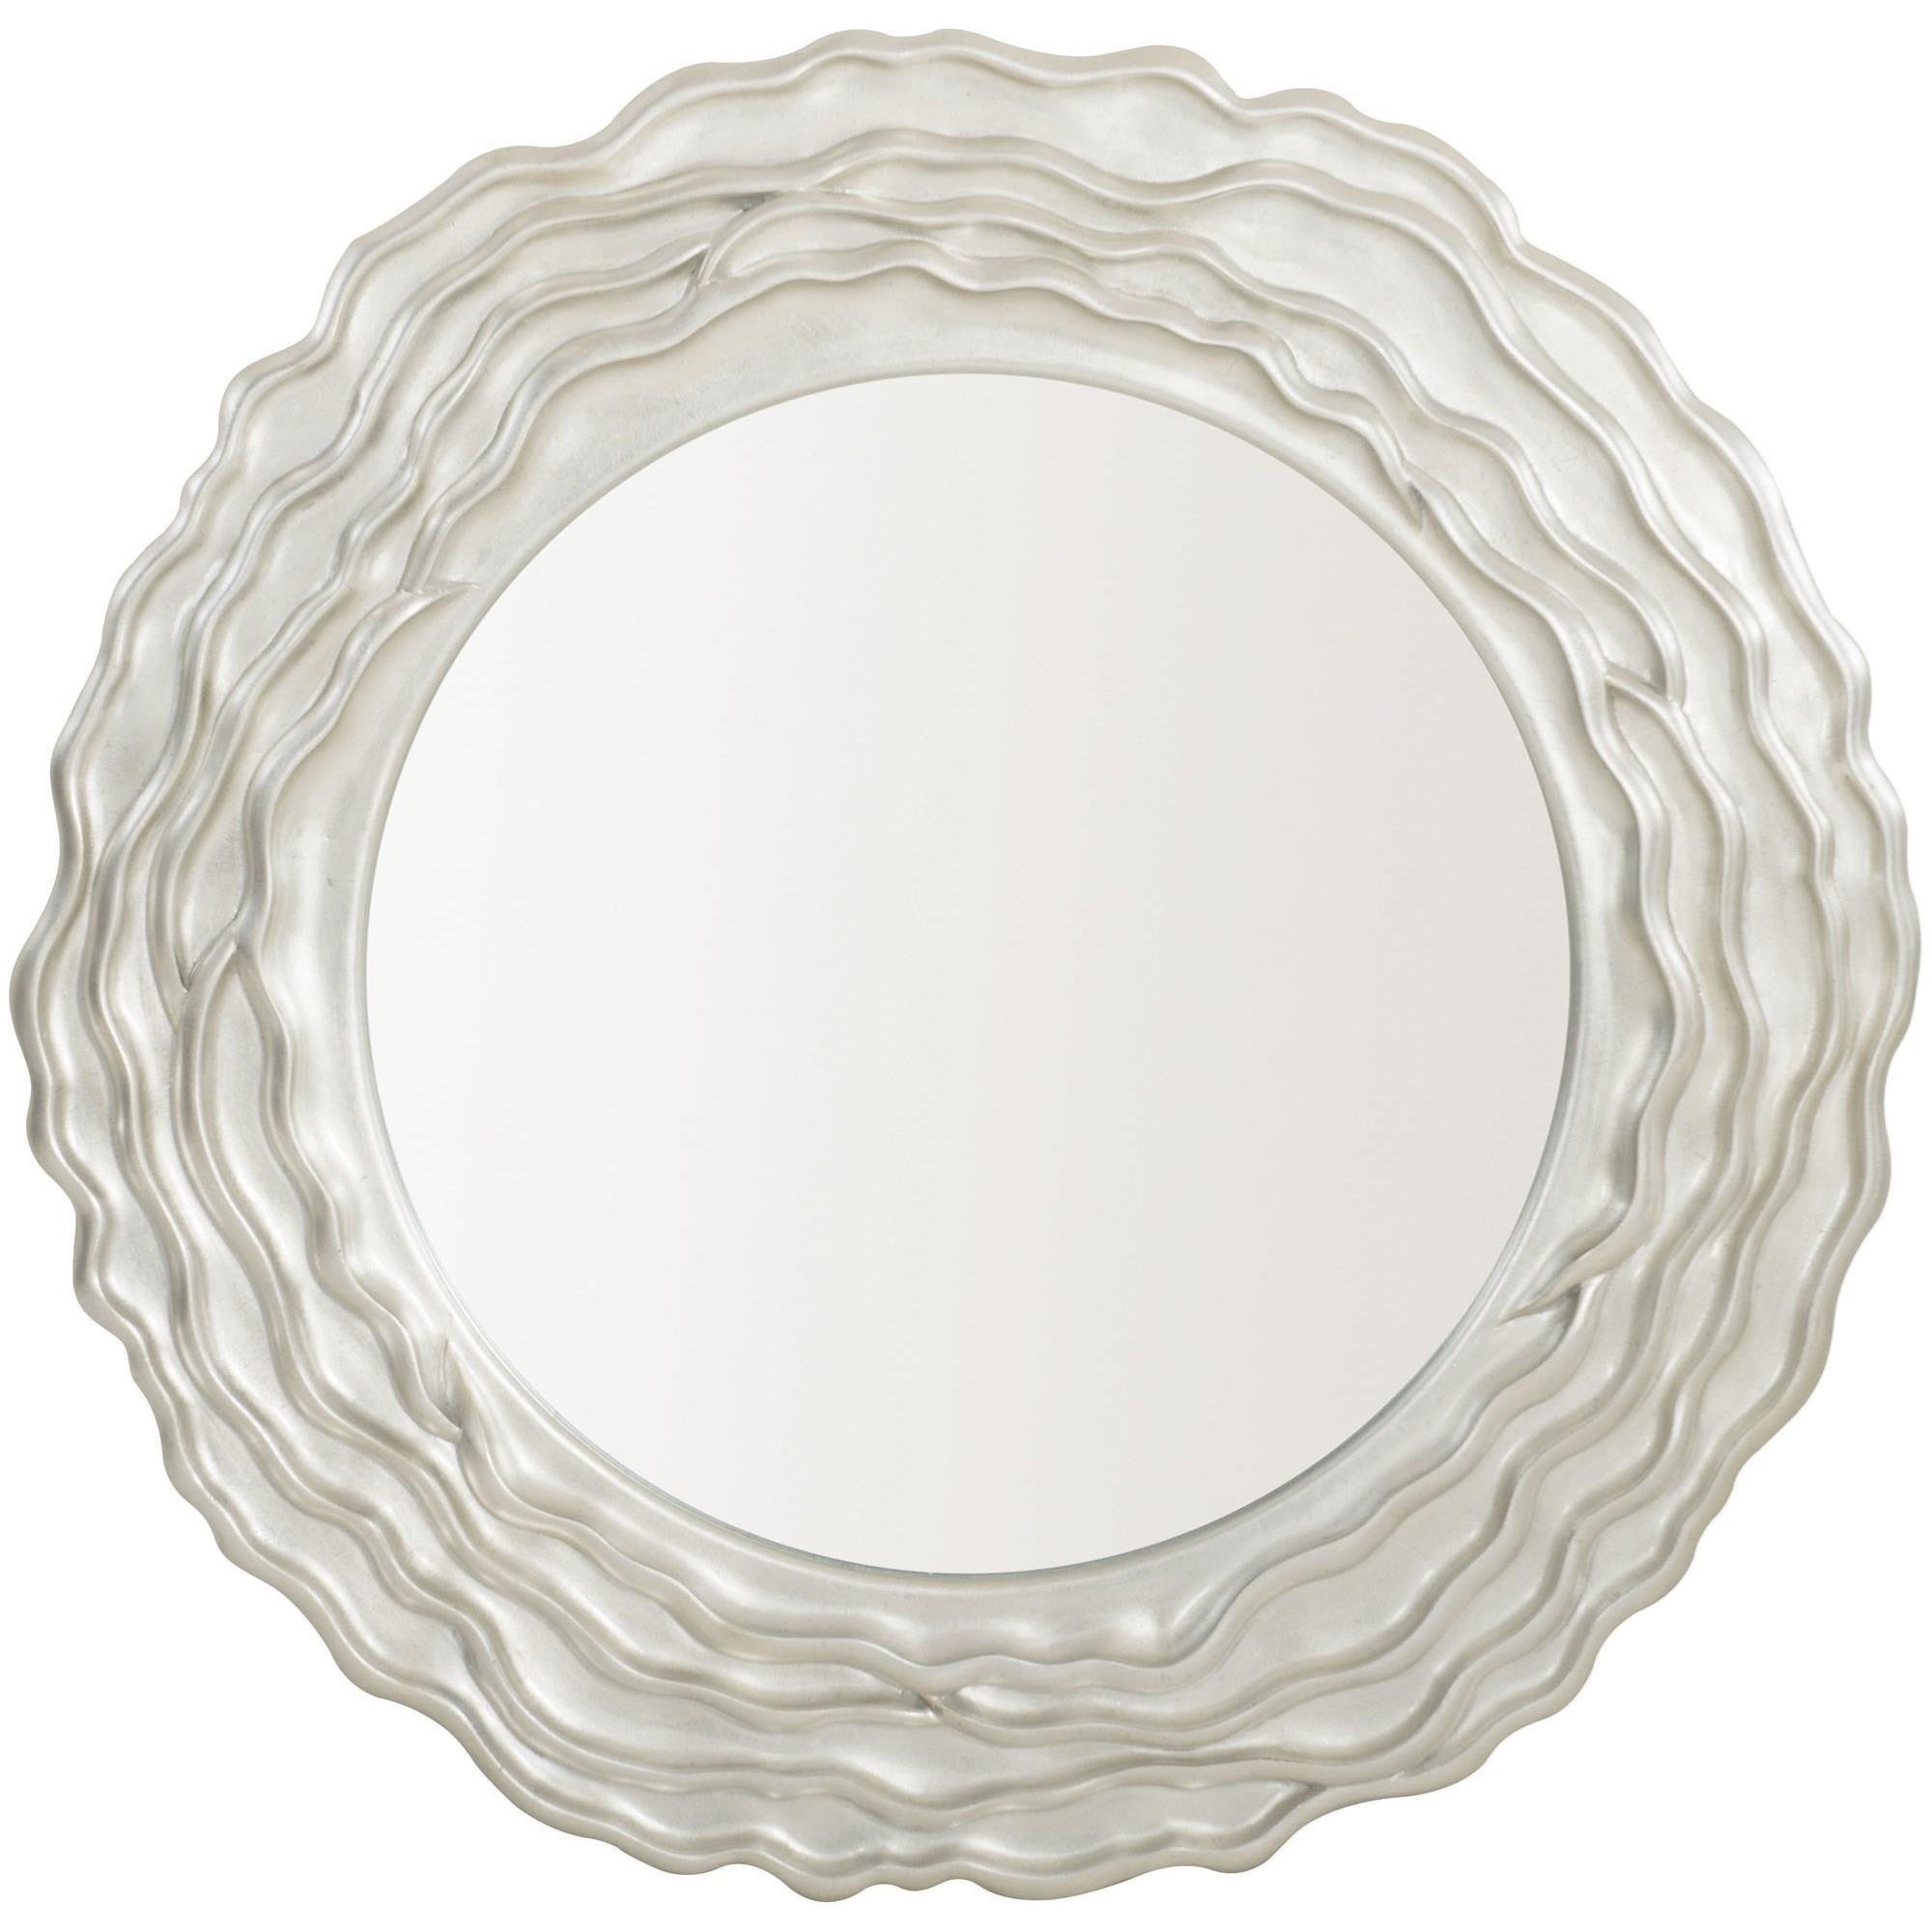 Calista Round Mirror by Bernhardt at Baer's Furniture